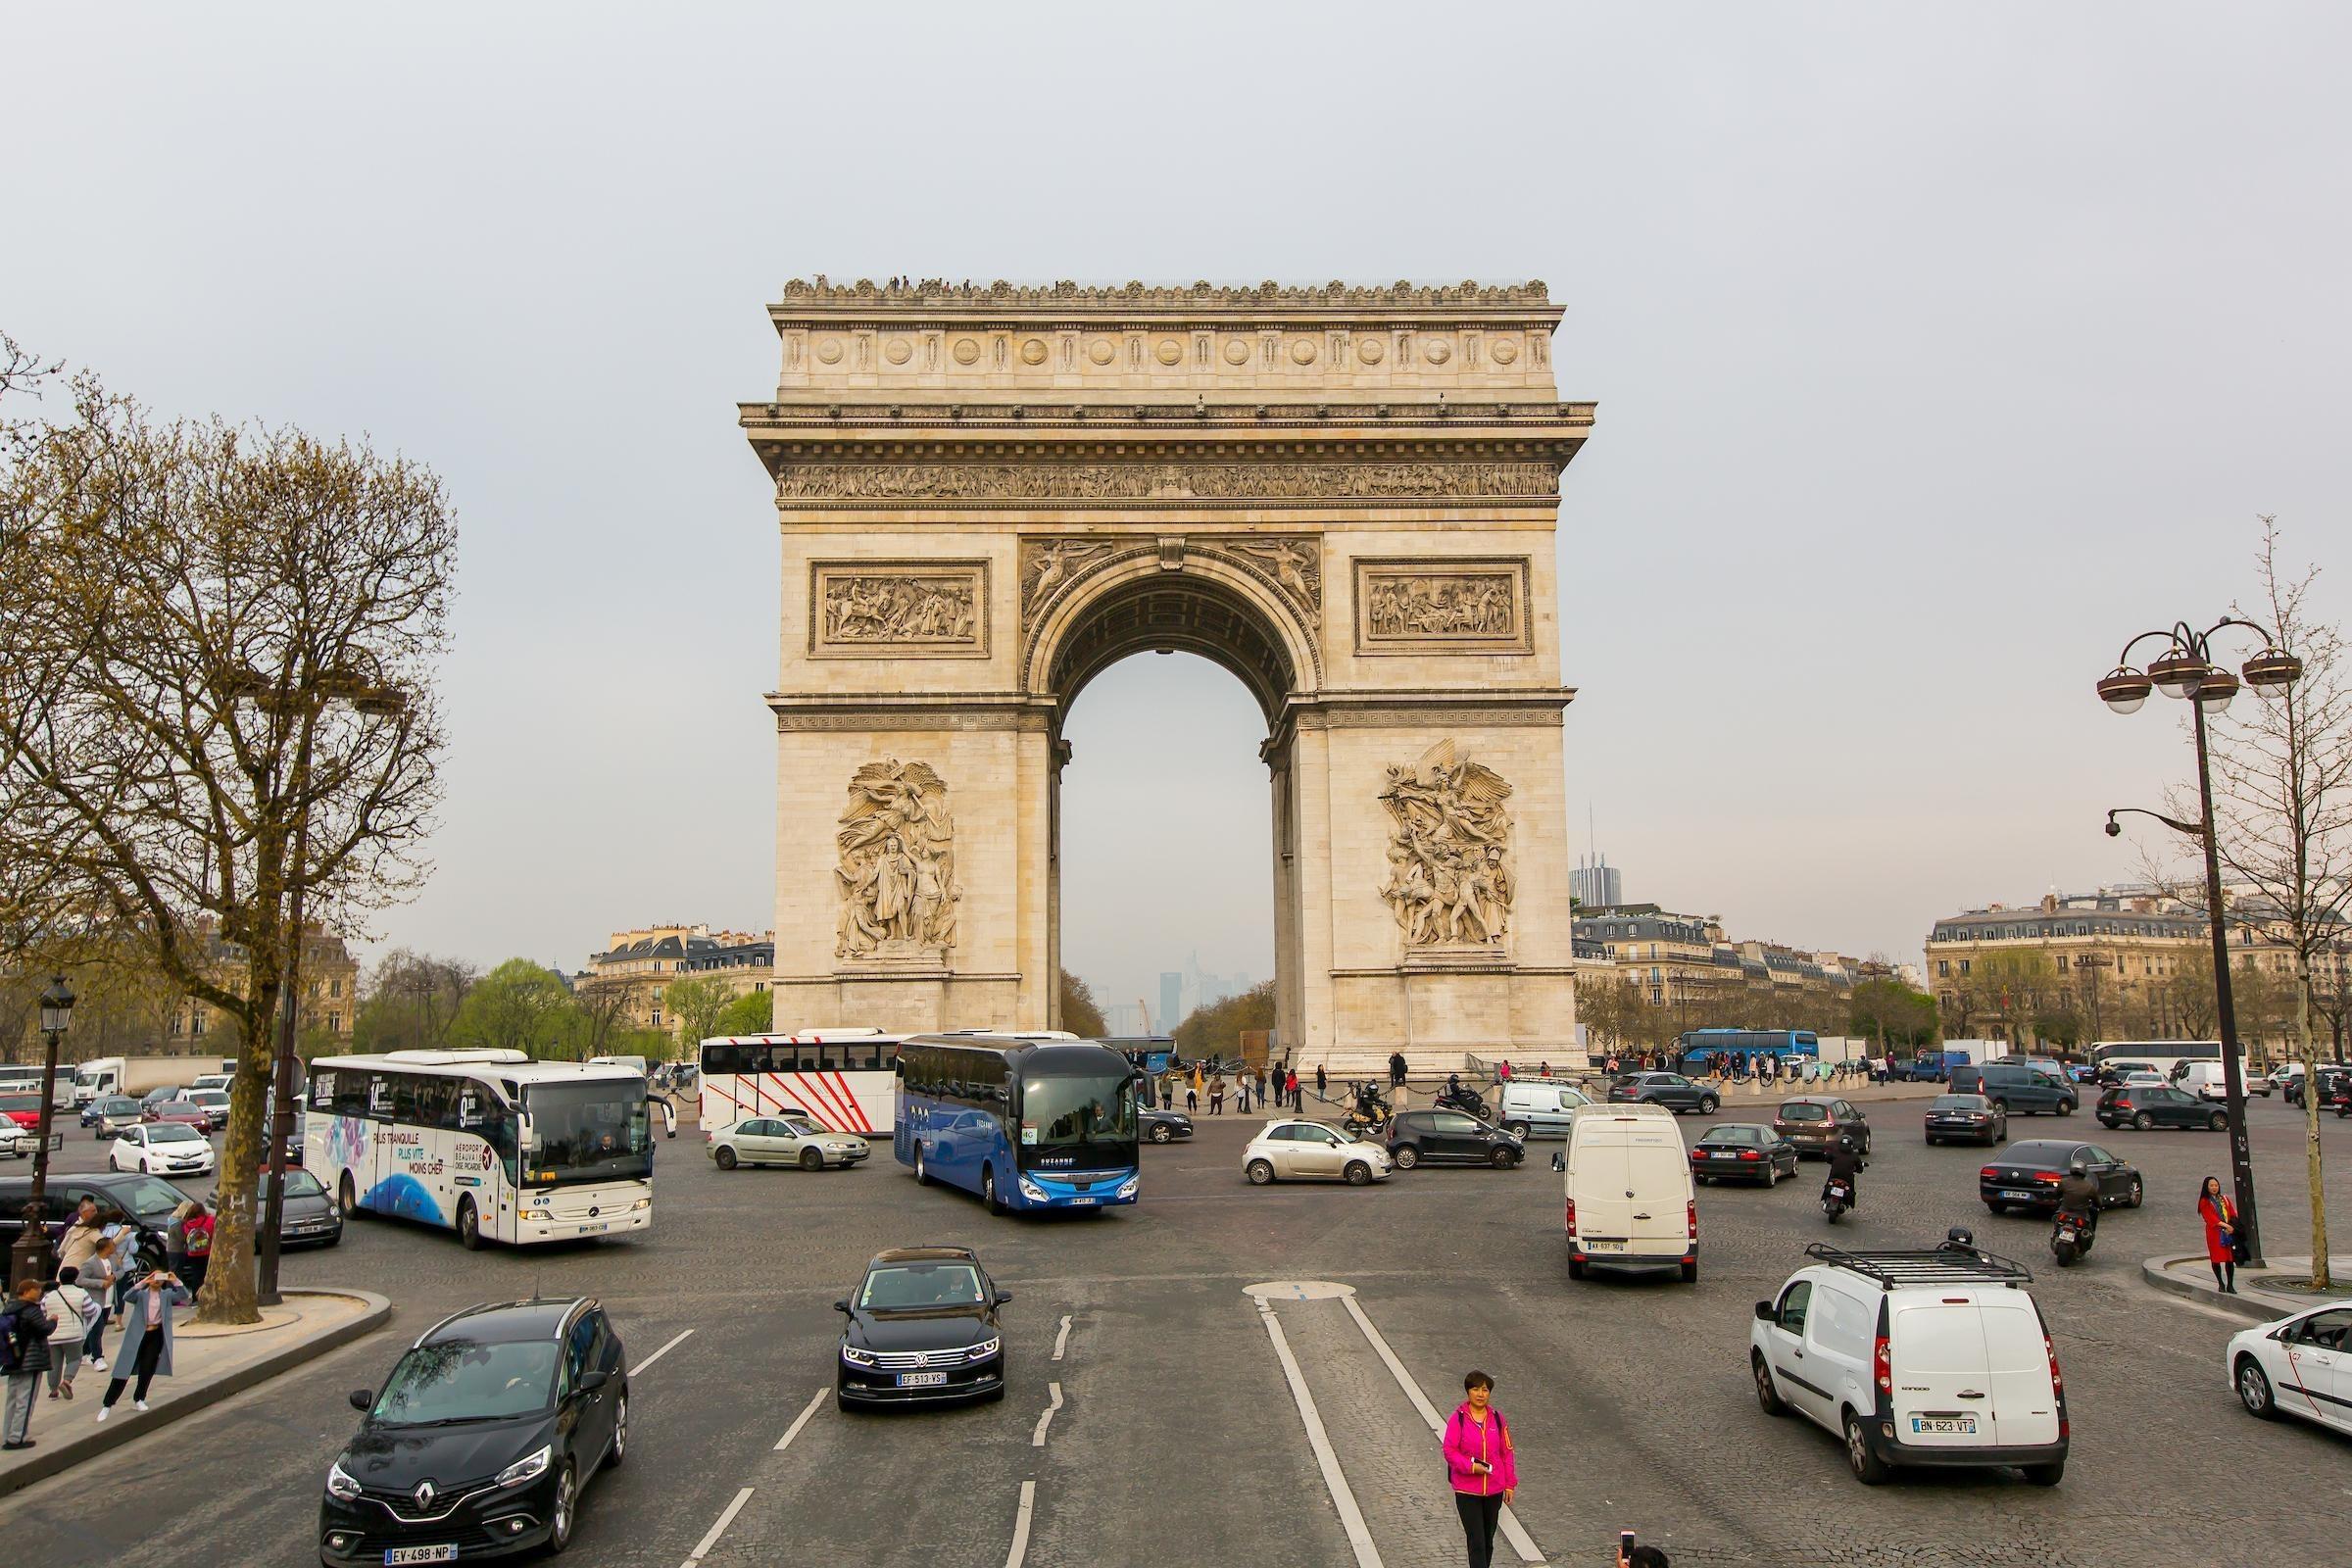 Paris Sightseeing Tours from Disneyland Paris